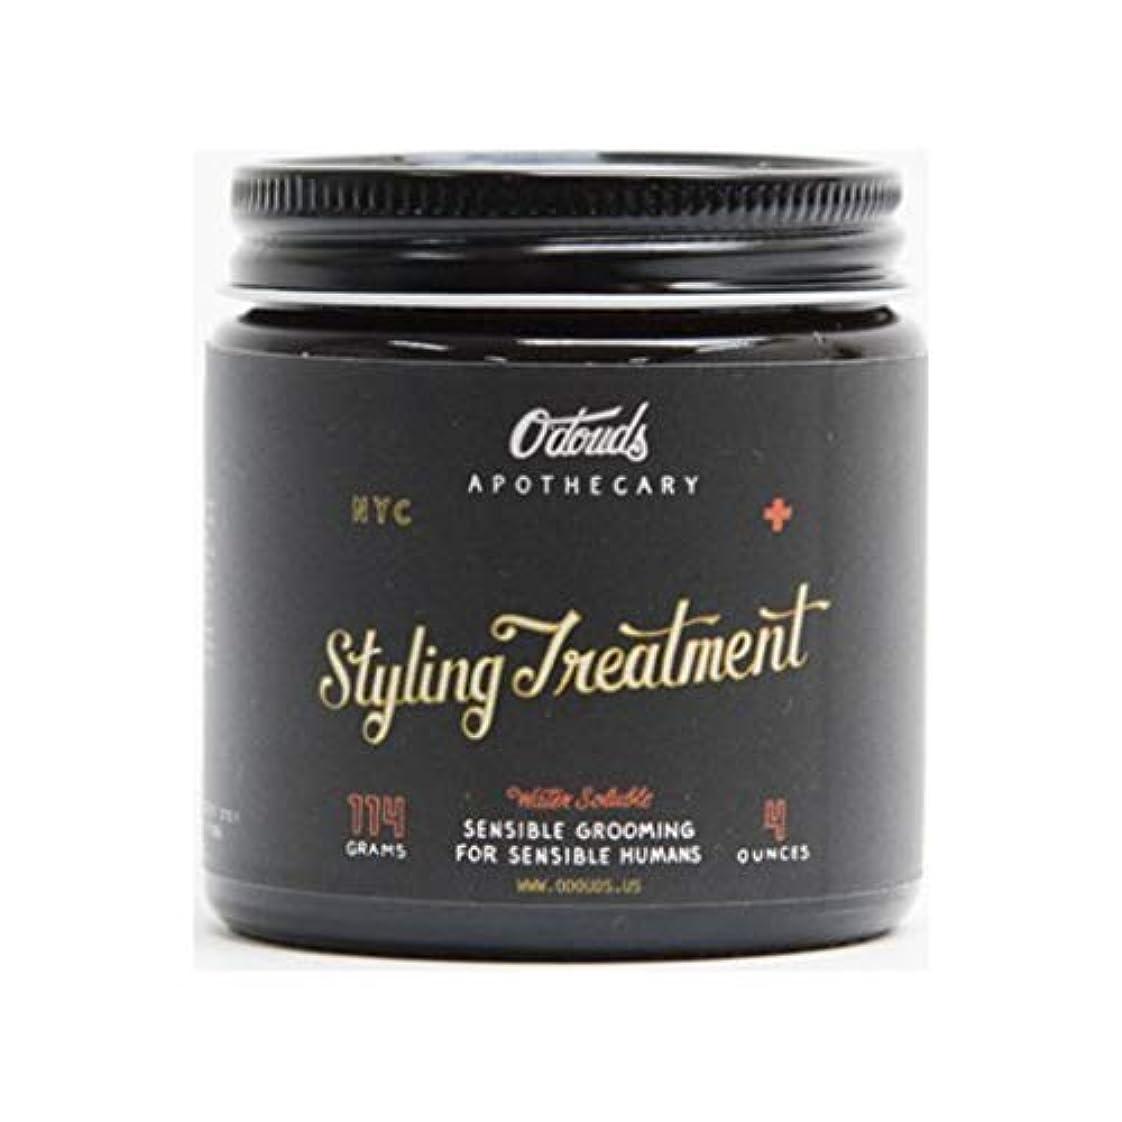 求人脳拍手するO'Douds (オダウズ) スタイリングトリートメント STYLING TREATMENT メンズ 整髪料 水性 ポマード ヘアクリーム ヘアオイル ヘアグリース ヘアワックス ナチュラルシャイン ライトホールド ヴィーガン